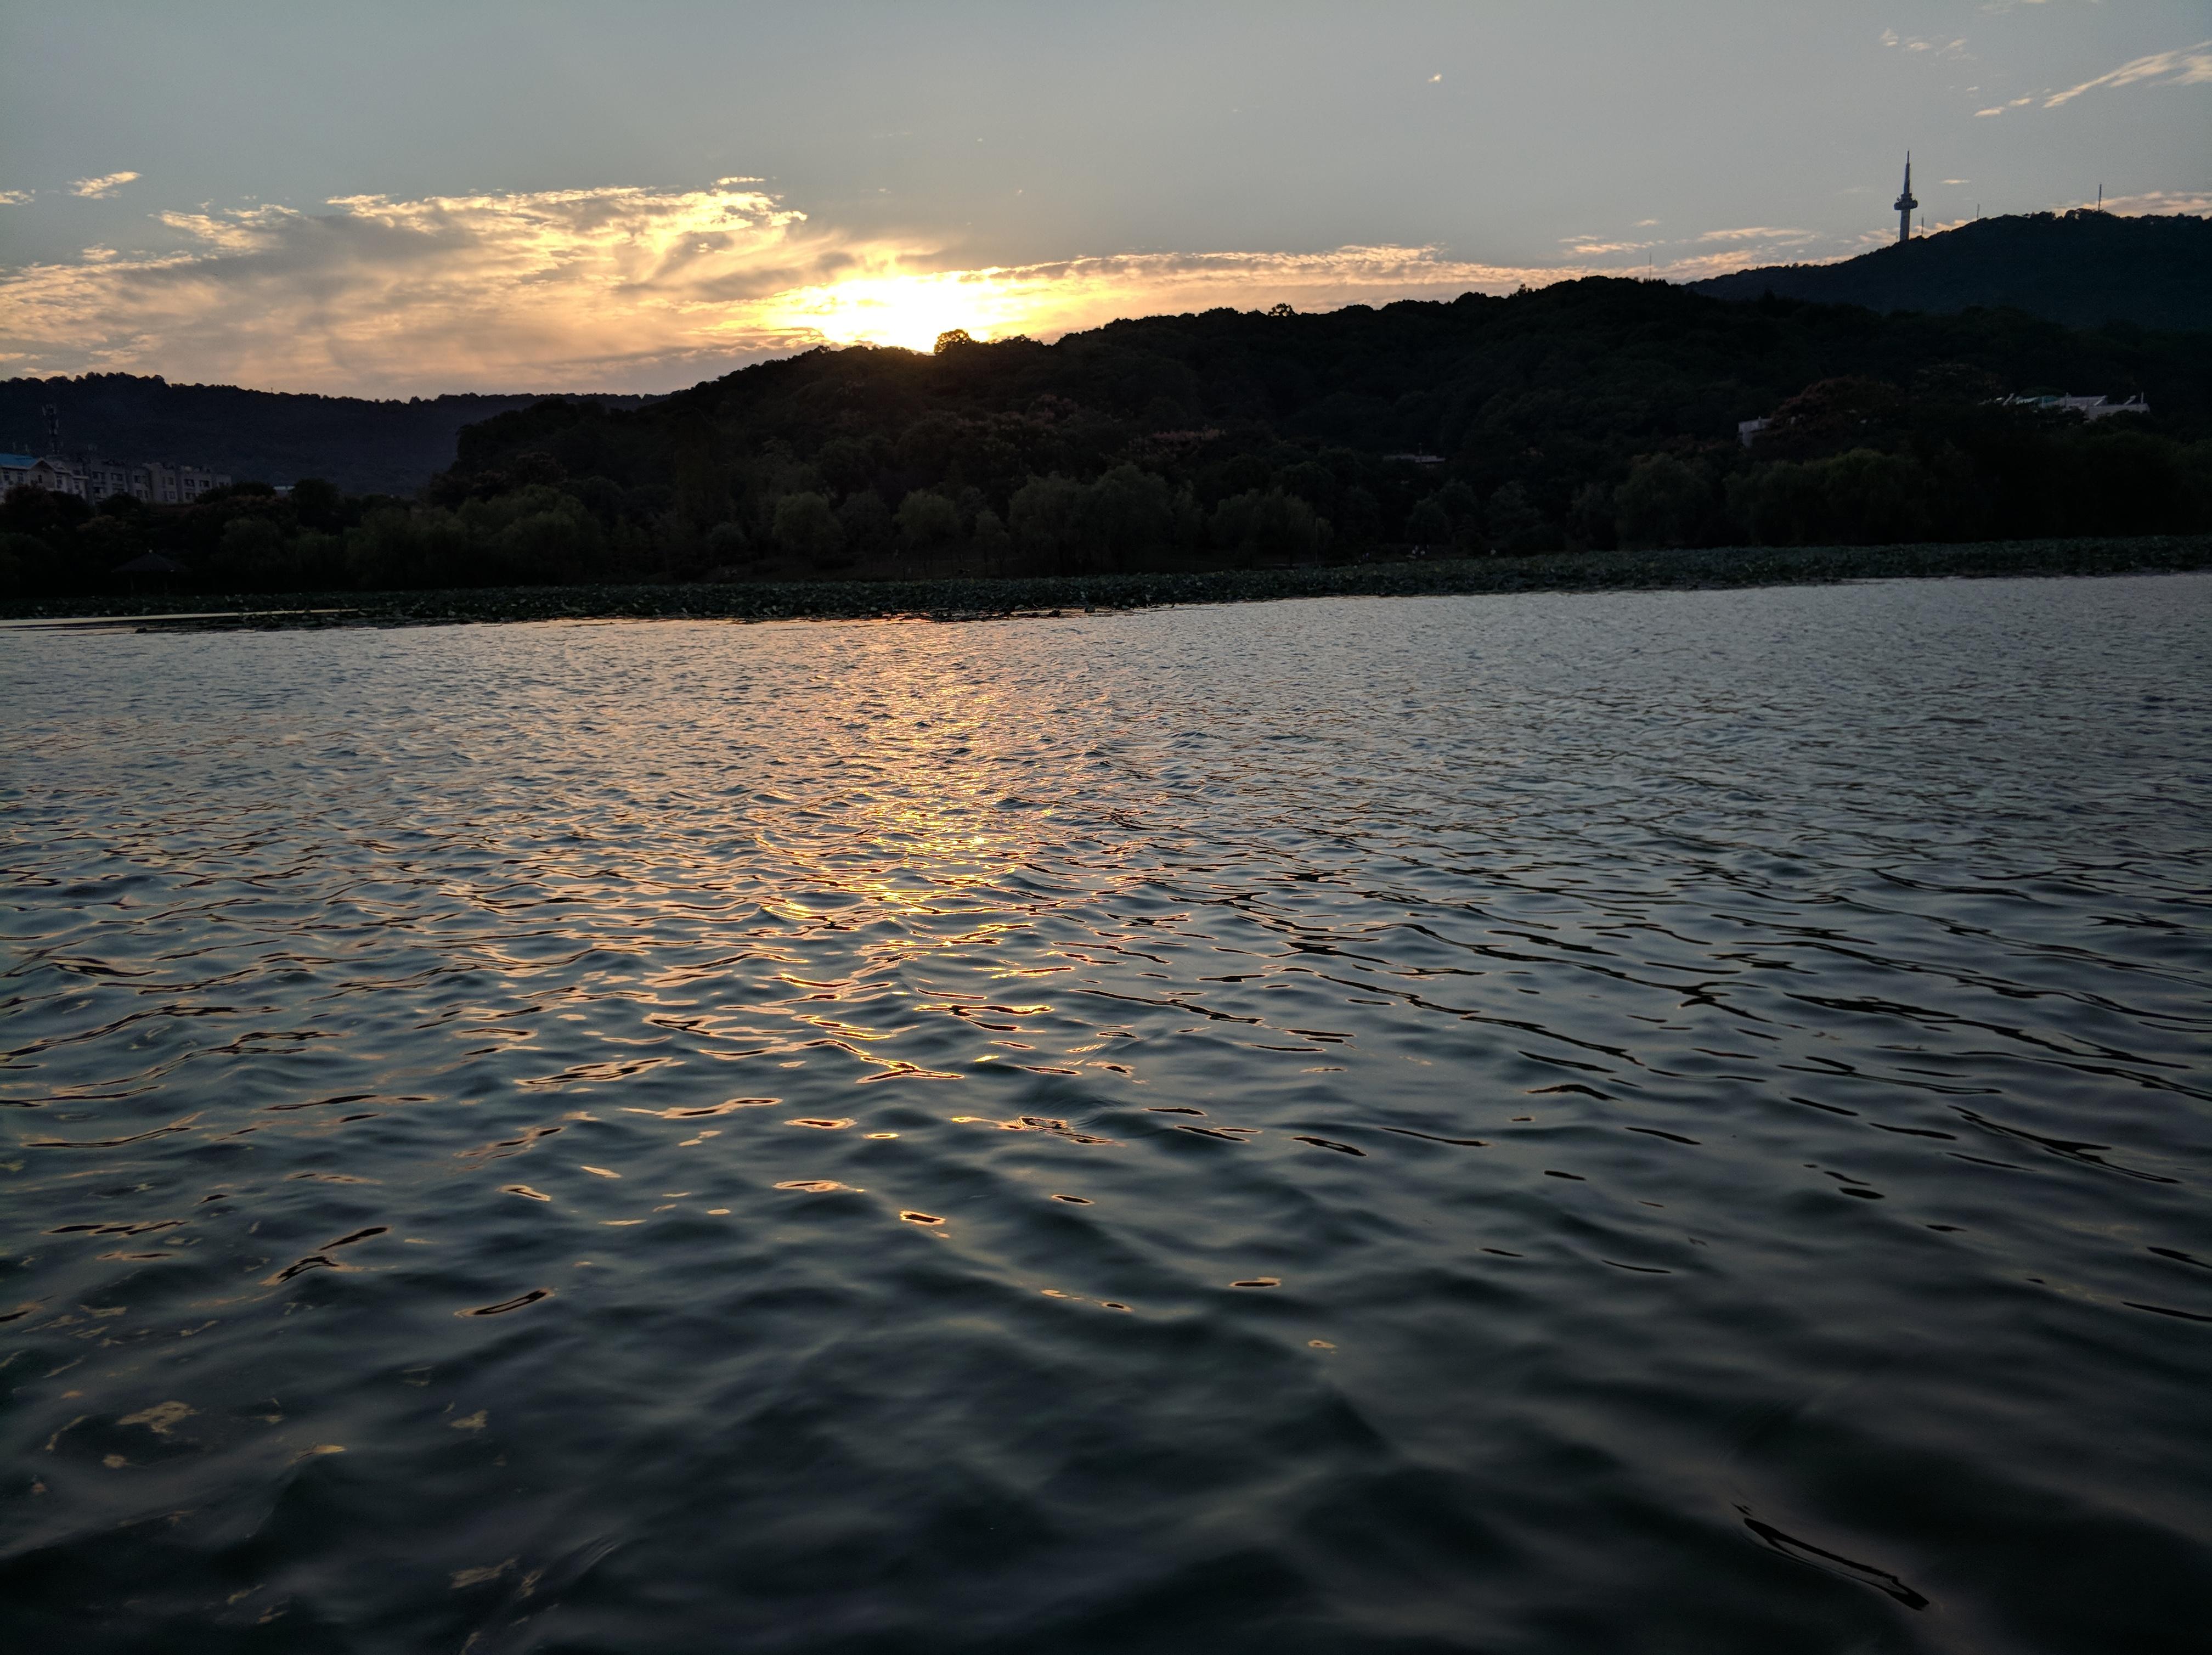 日落·余晖